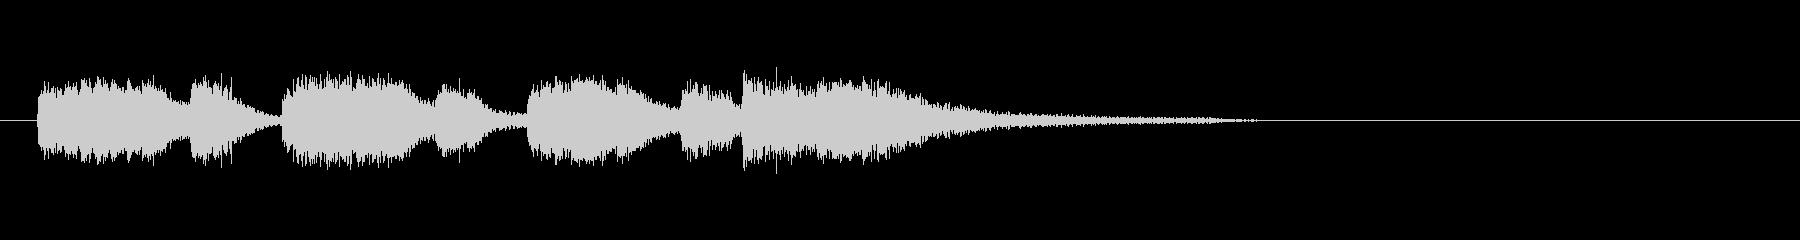 テーマ13A:キシロフォン、ピアノの未再生の波形